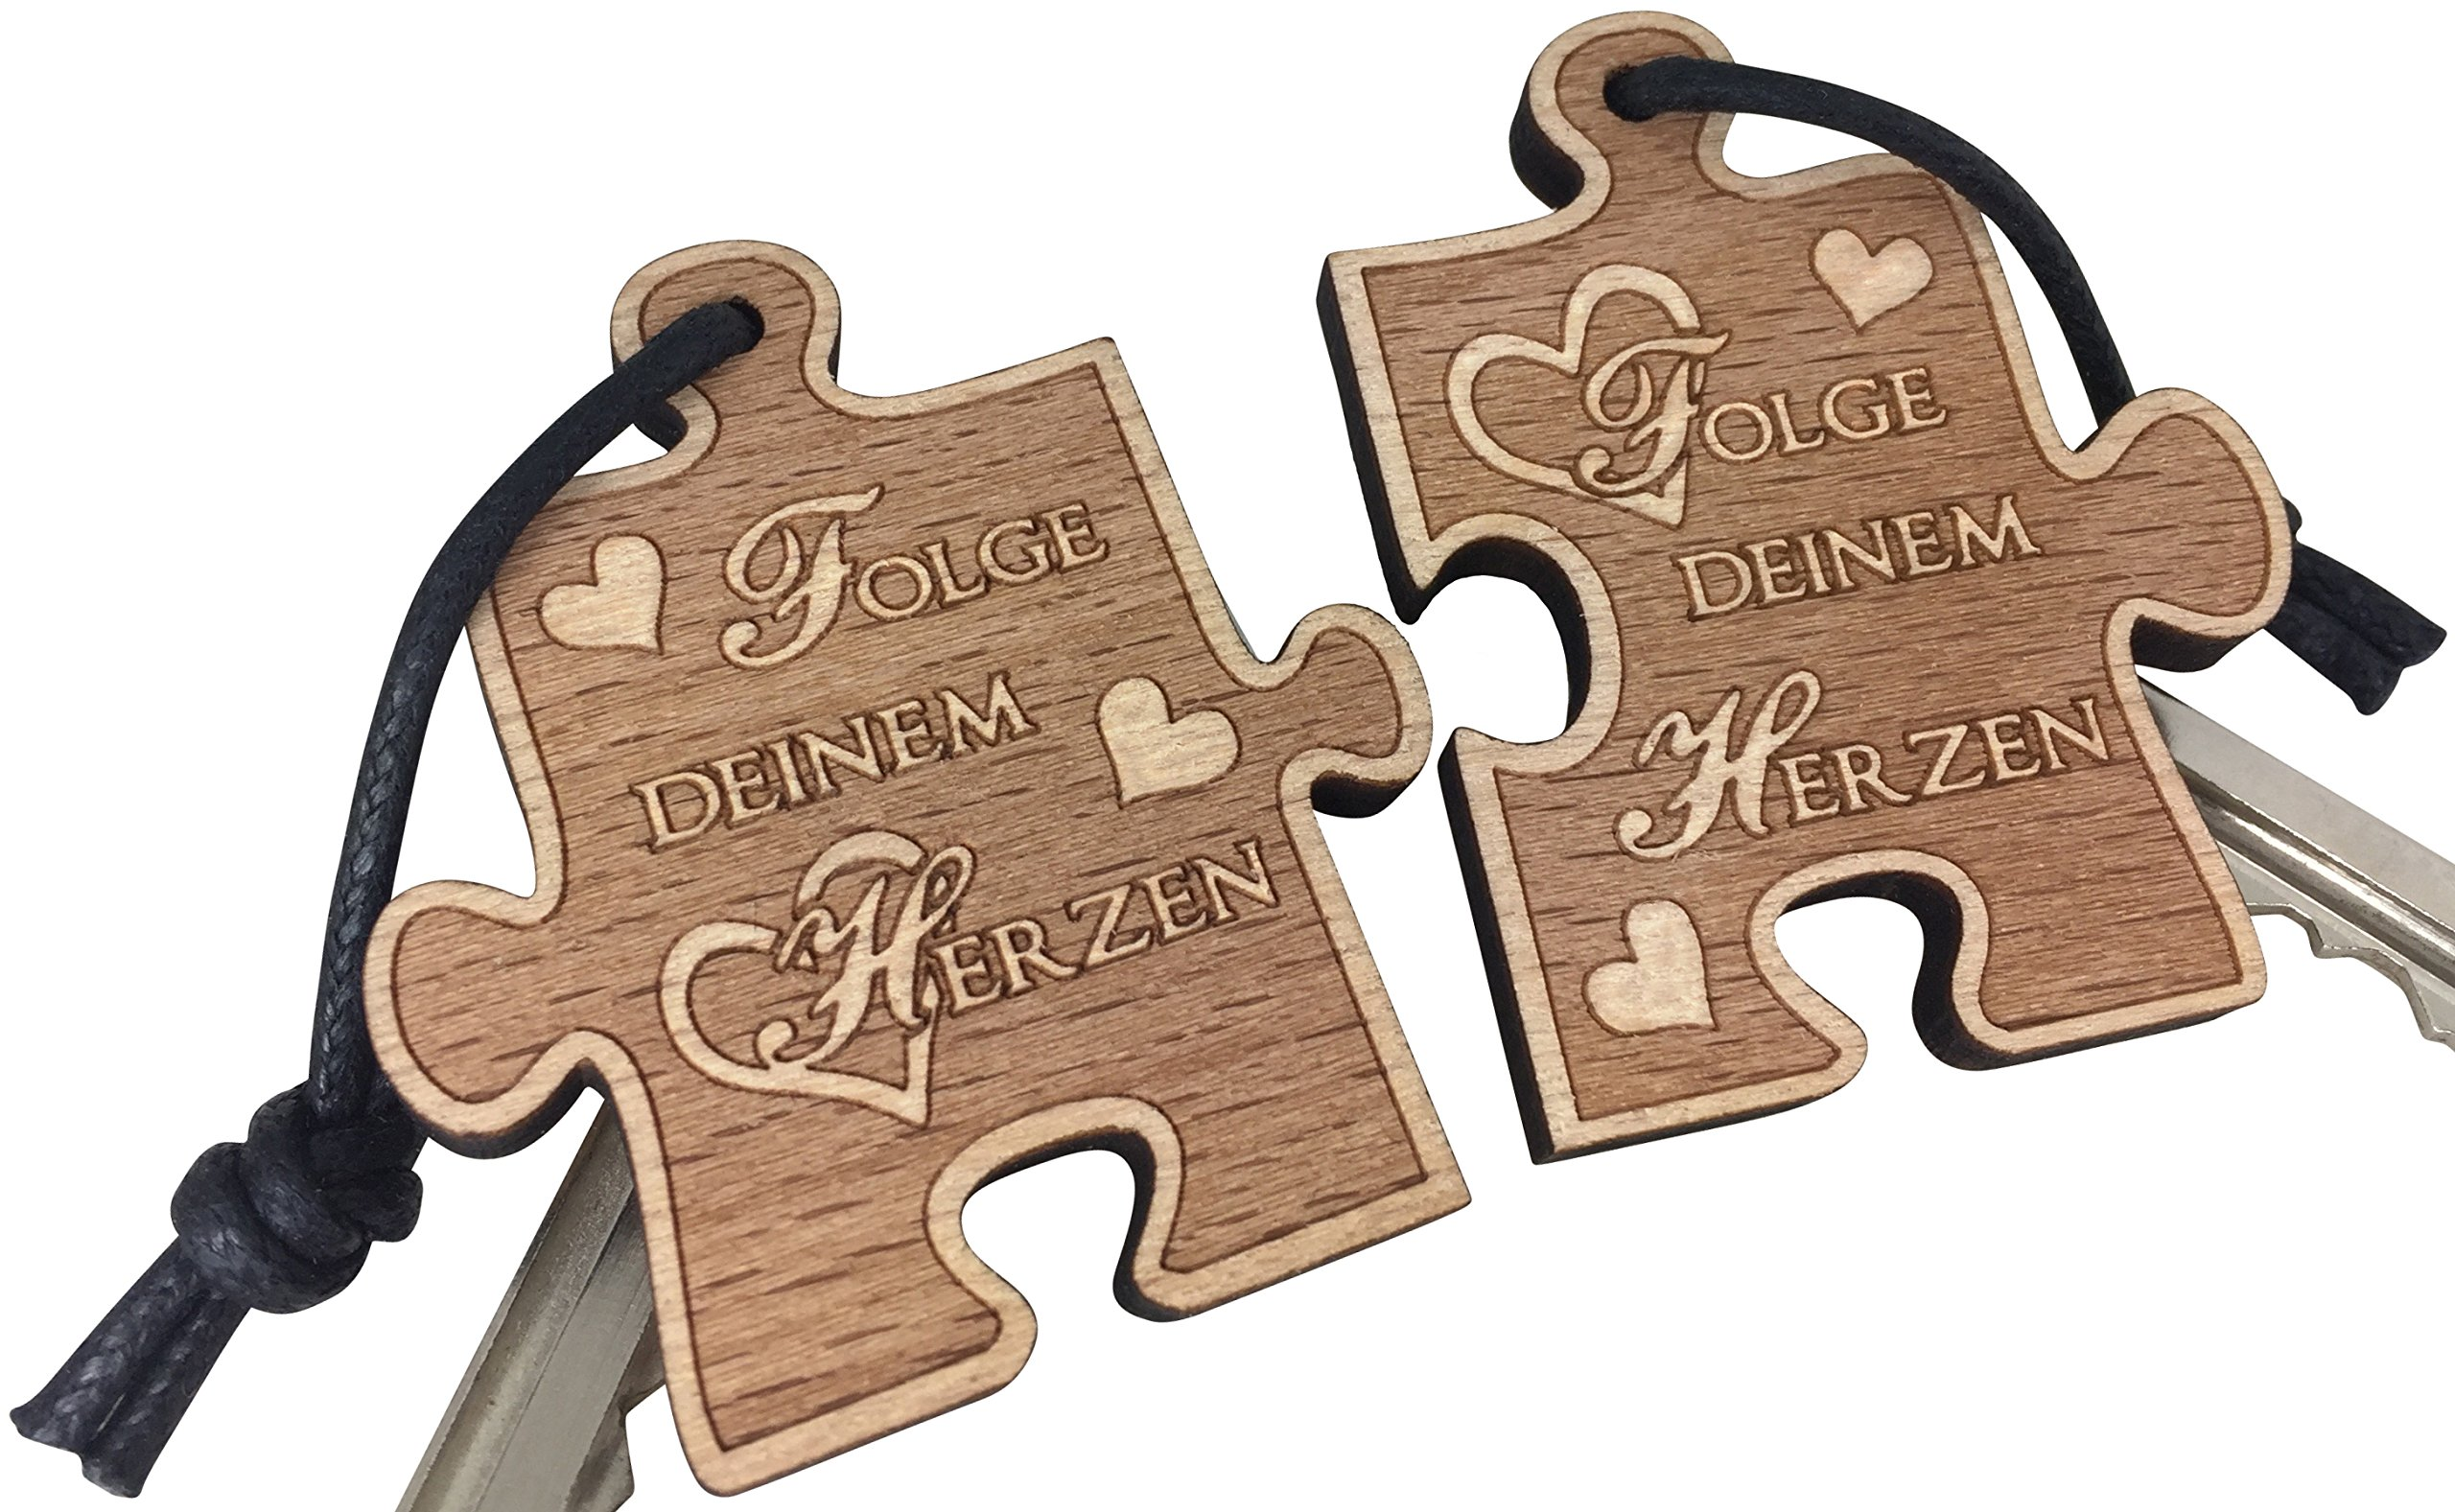 """Schlüsselanhänger Puzzle """"Folge Deinem Herzen"""" sehr gute Qualität für Partner Anhänger Liebe Partnergeschenk vom ORIGINAL endlosschenken"""